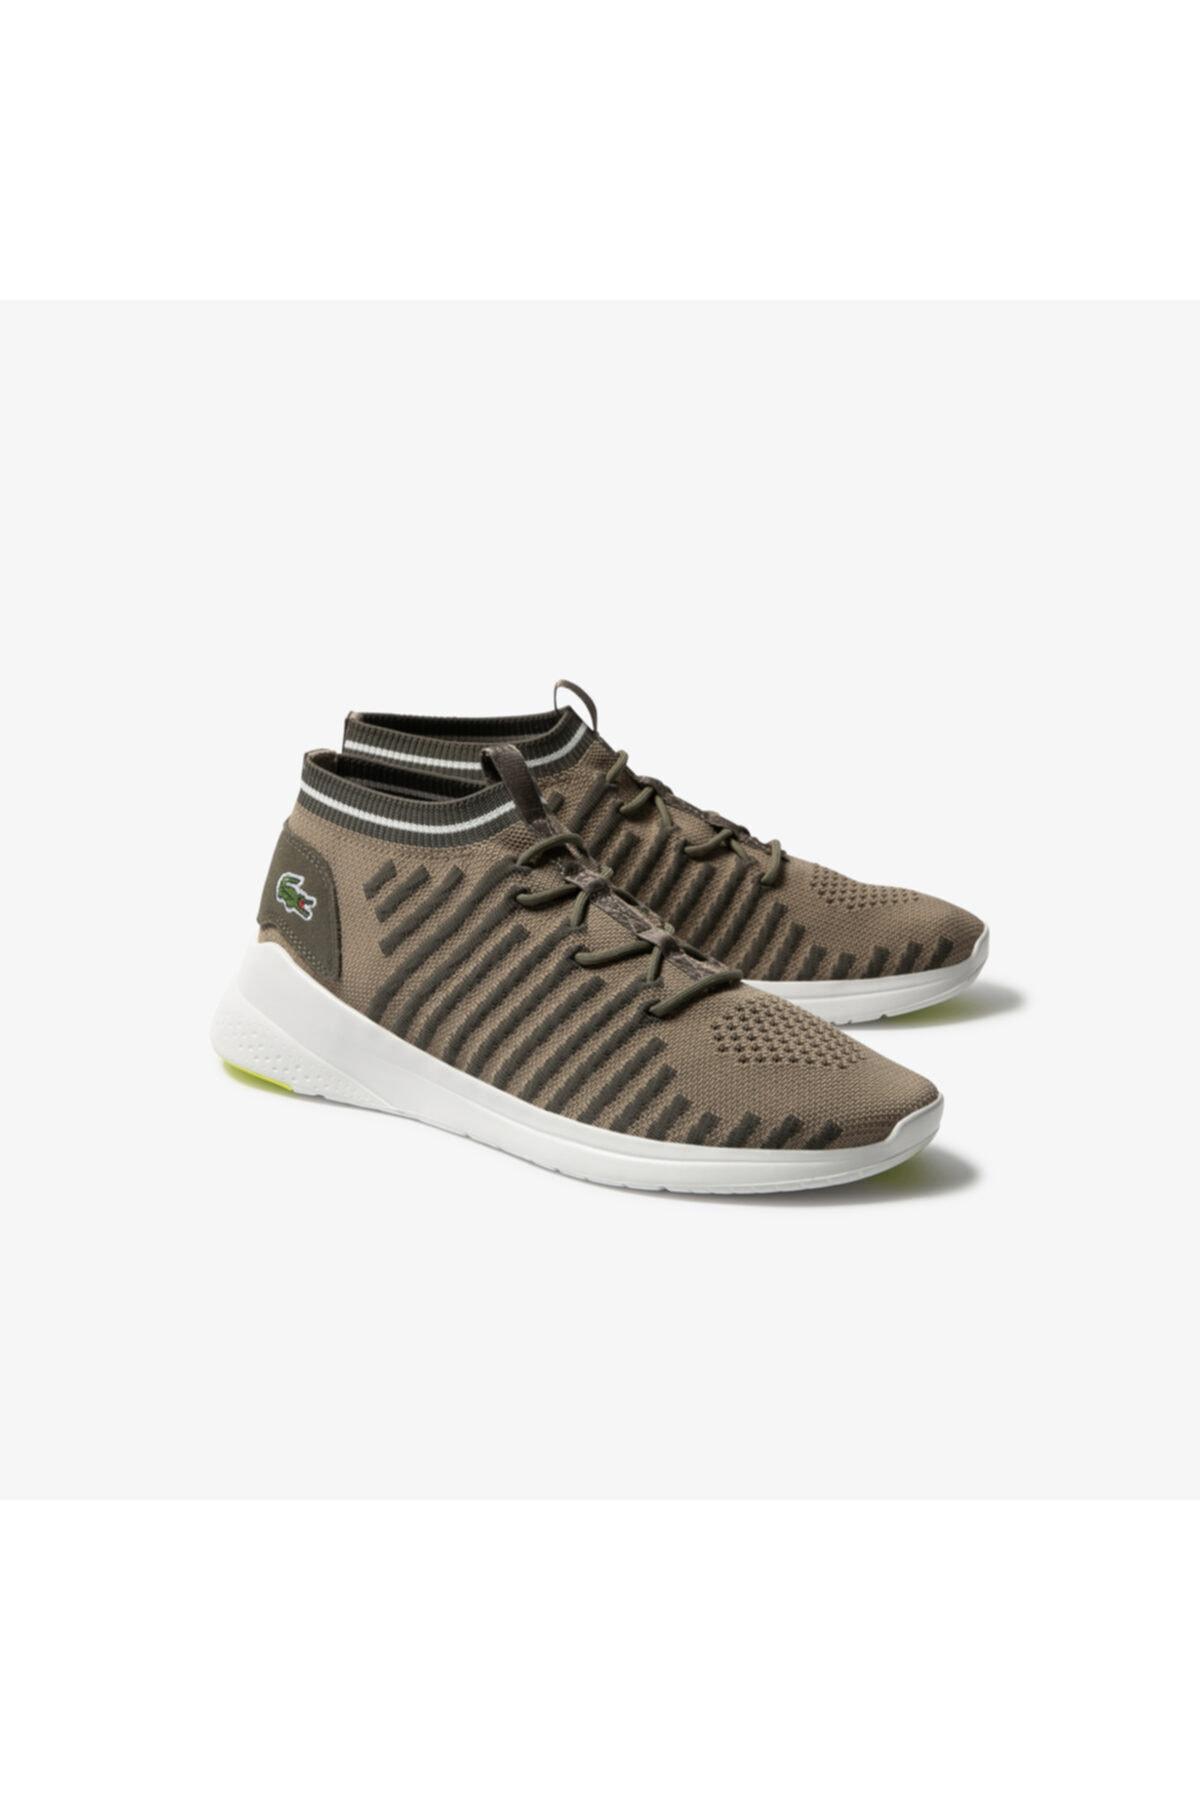 Lacoste Lt Fit-flex 120 2 Sma Erkek Haki Sneaker 2